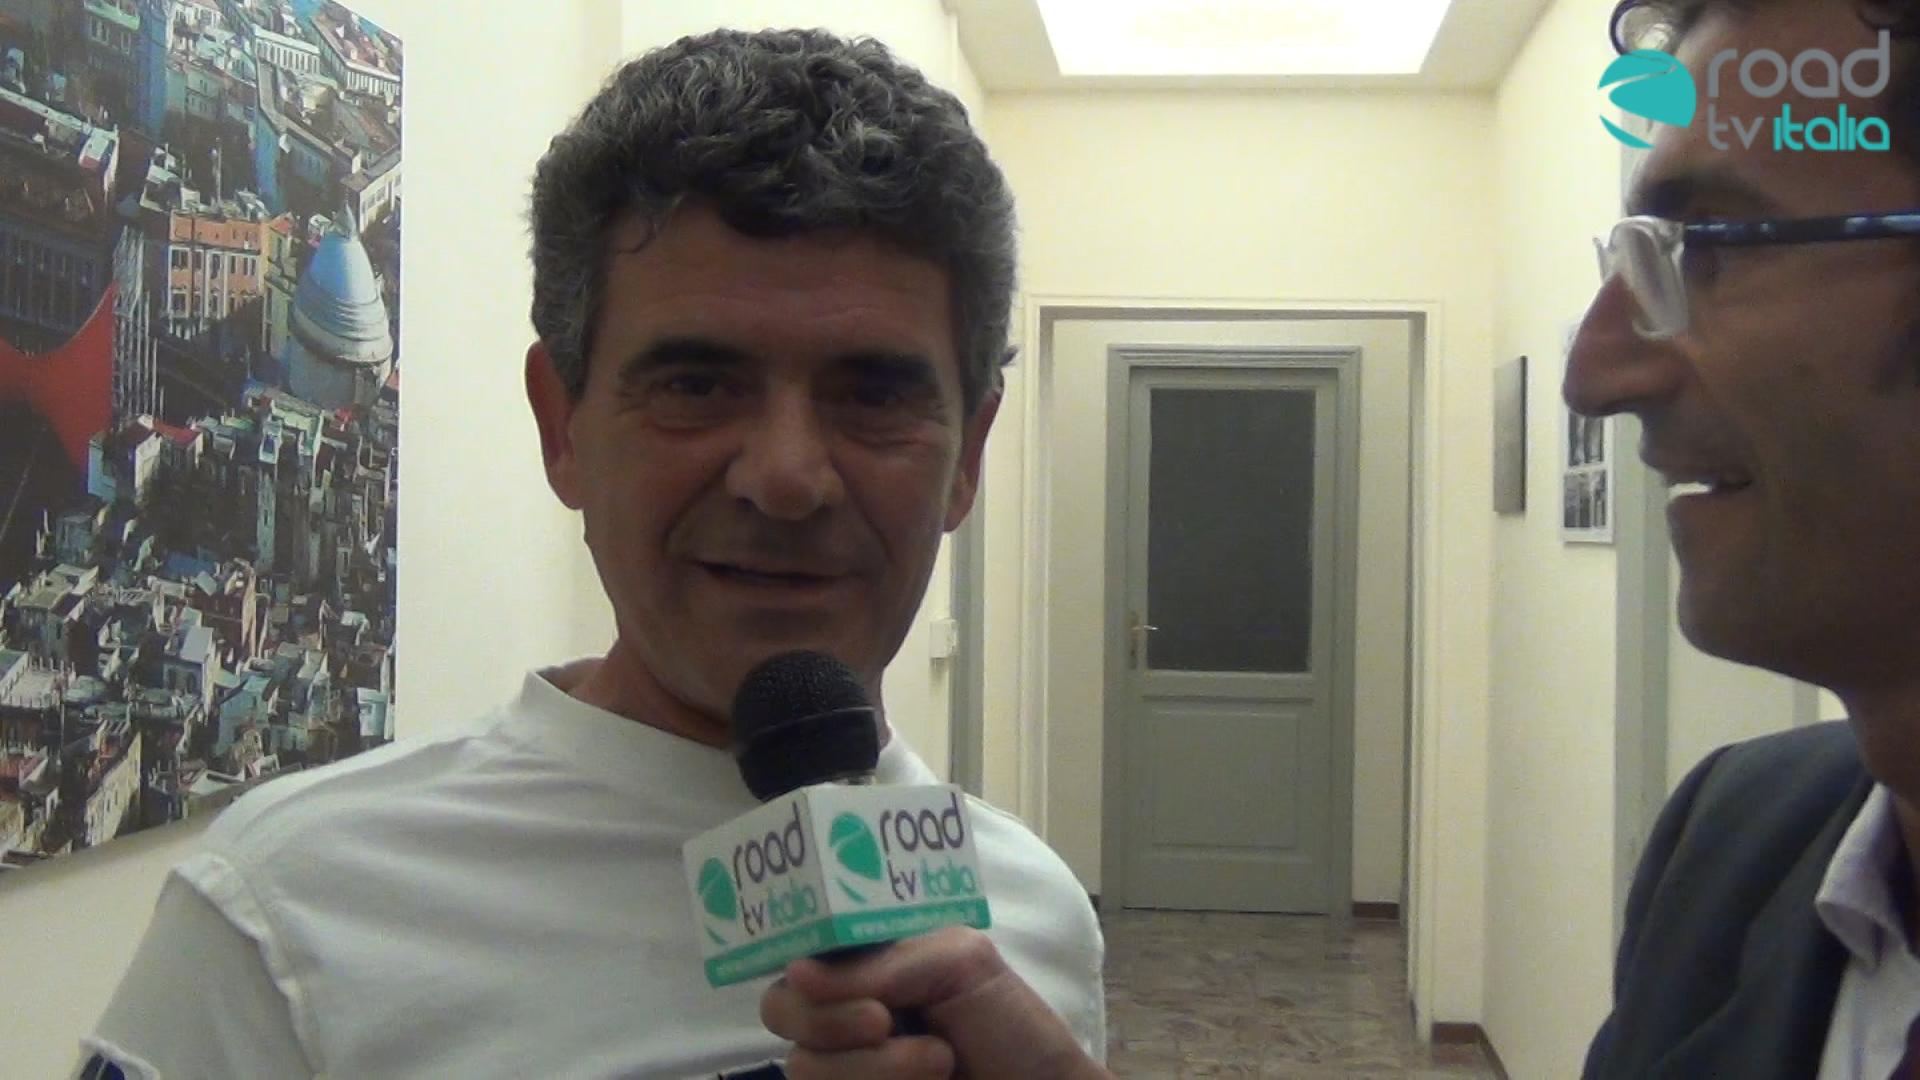 Je so' pazzo - Viaggio nella malattia mentale, al di là della paura del matto (VIDEO)